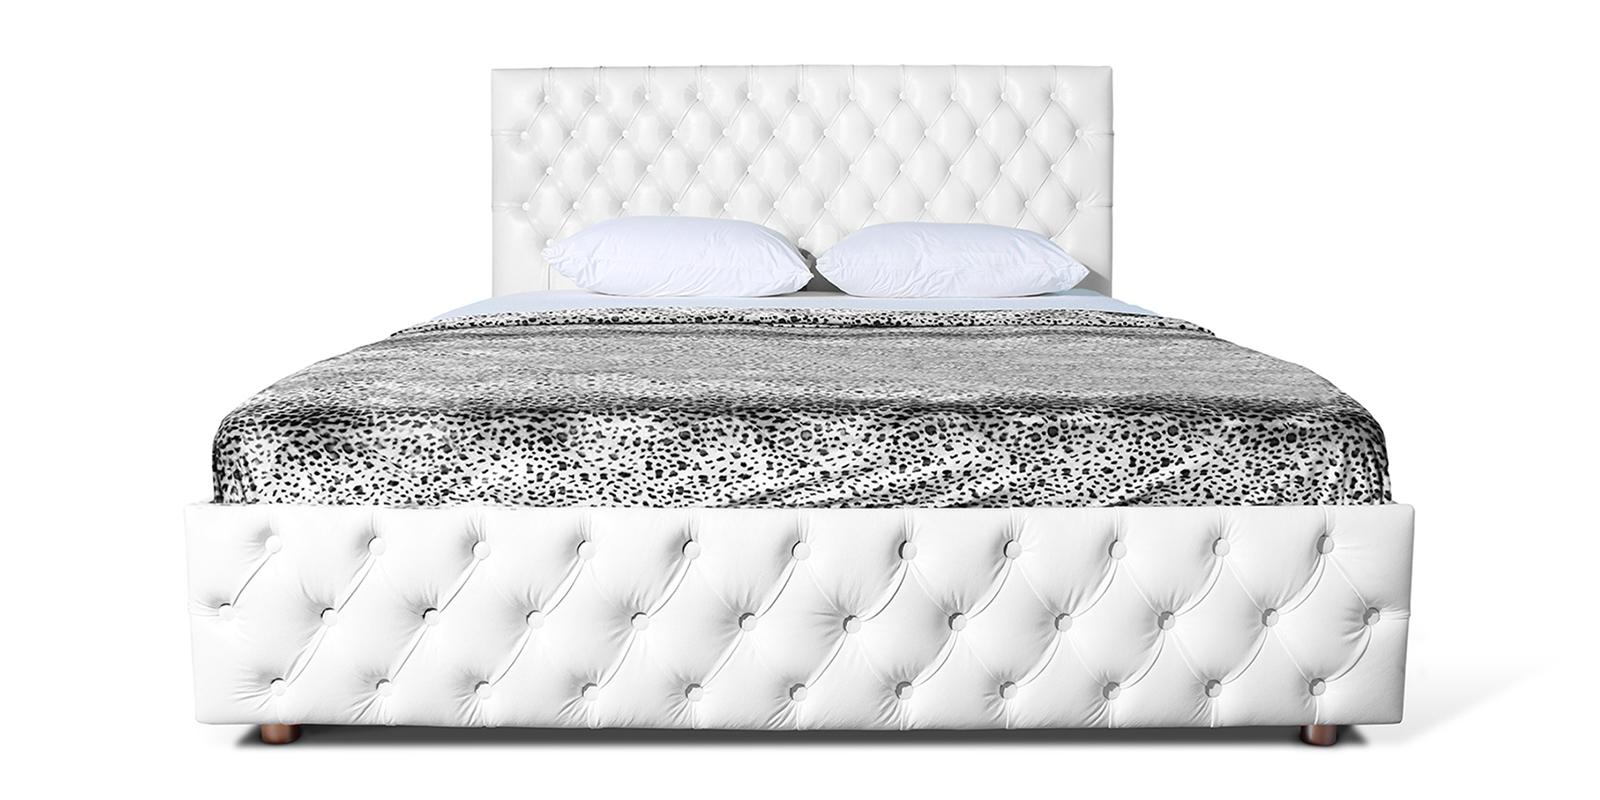 Мягкая кровать 200х160 Малибу вариант №4 с подъемным механизмом (Белый)